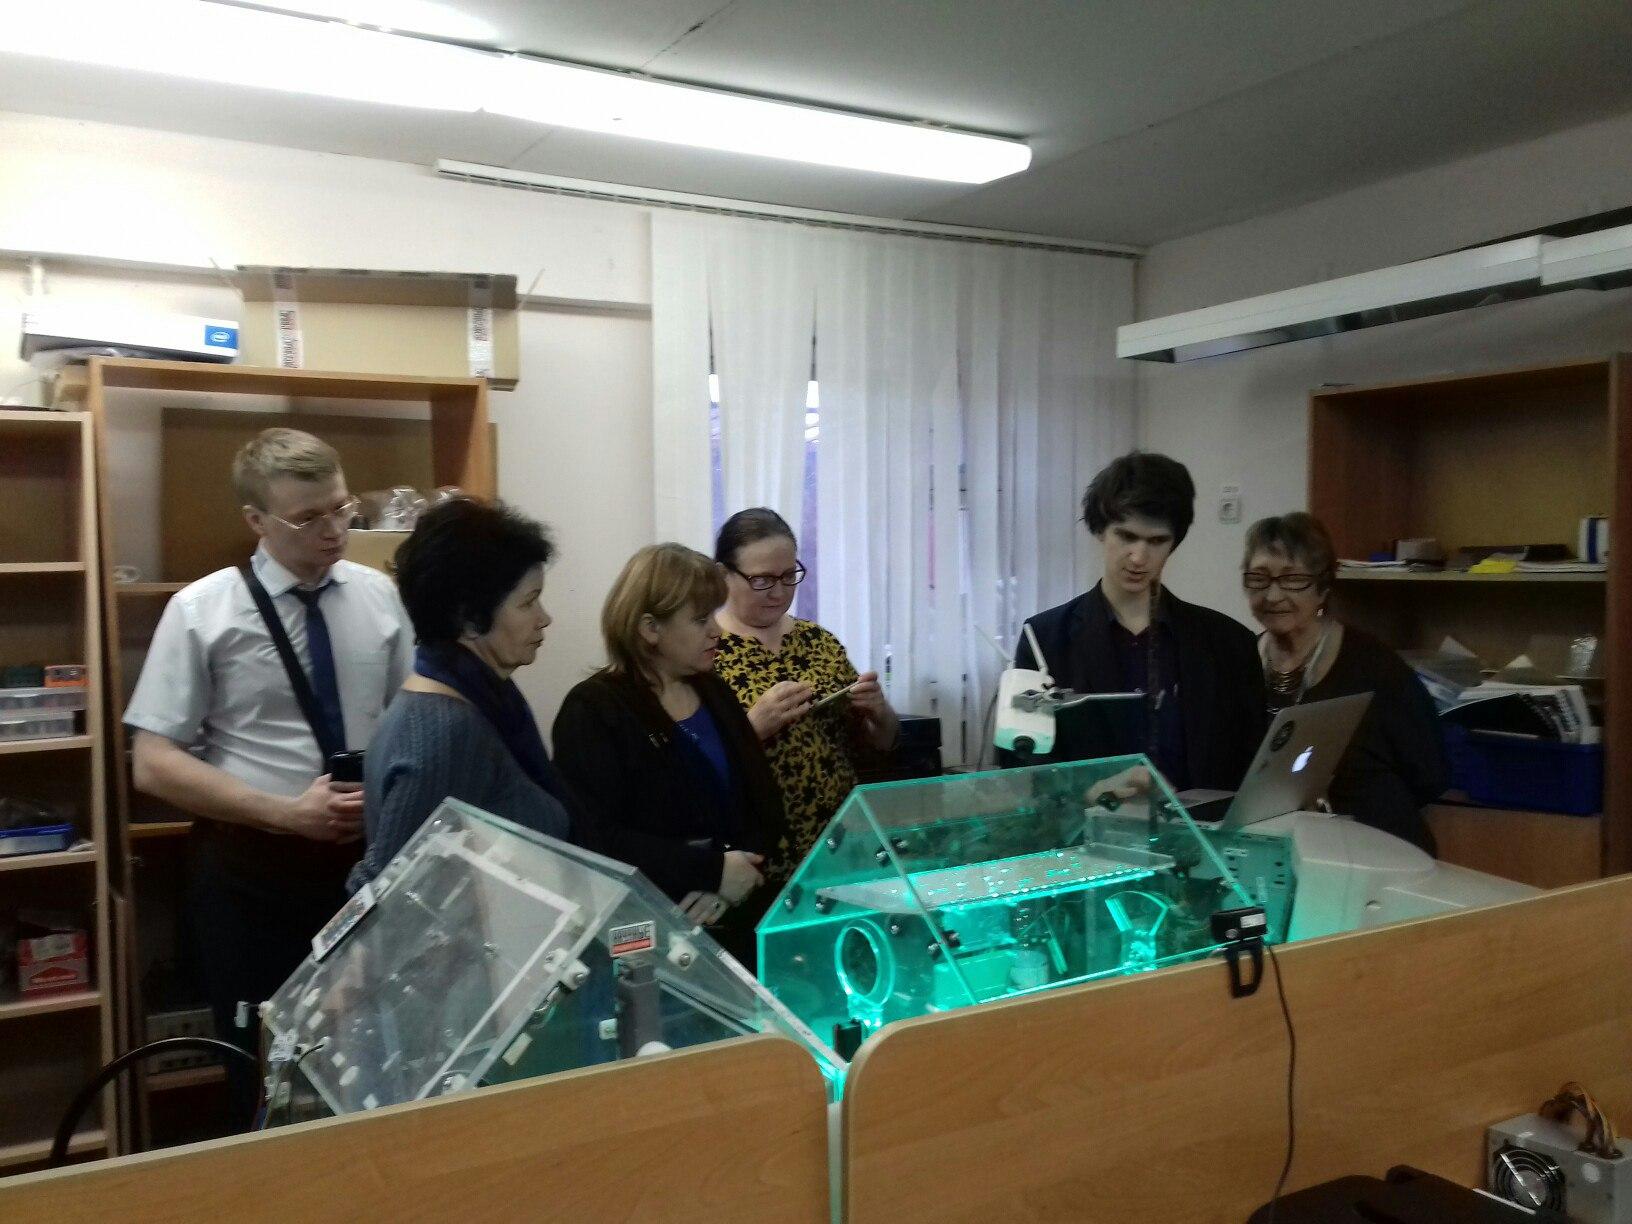 Делегация МОК 1 в лаборатории робототехники